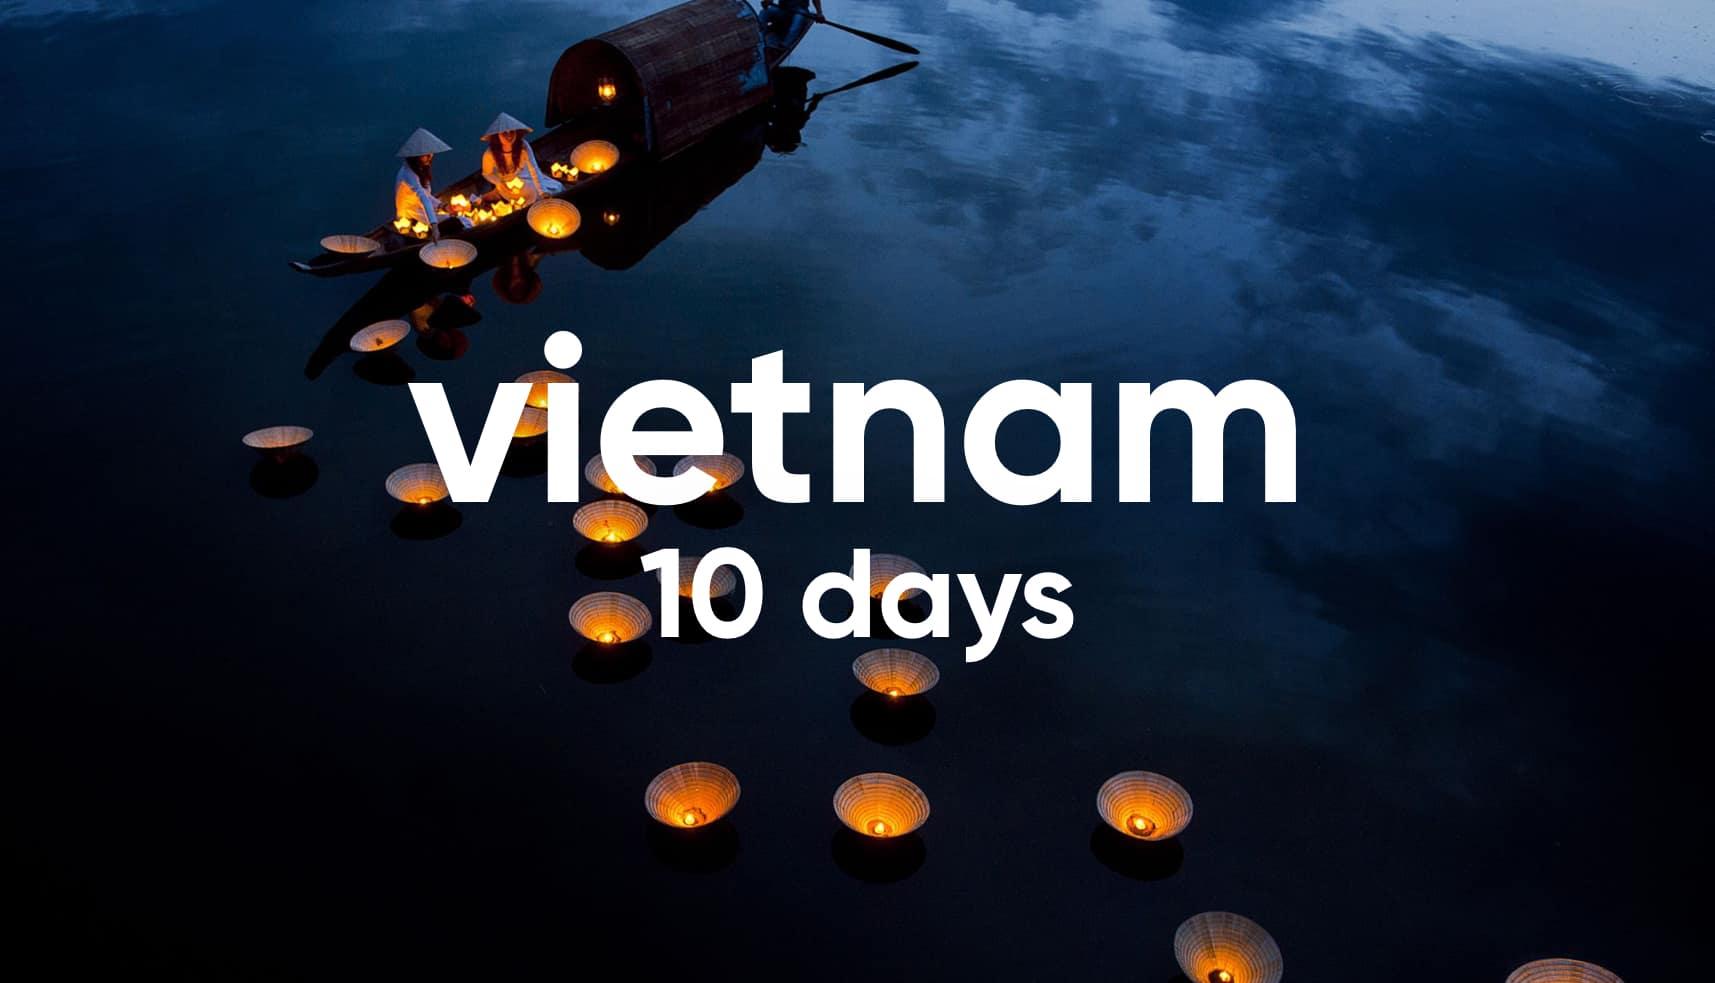 Vietnam 10 days